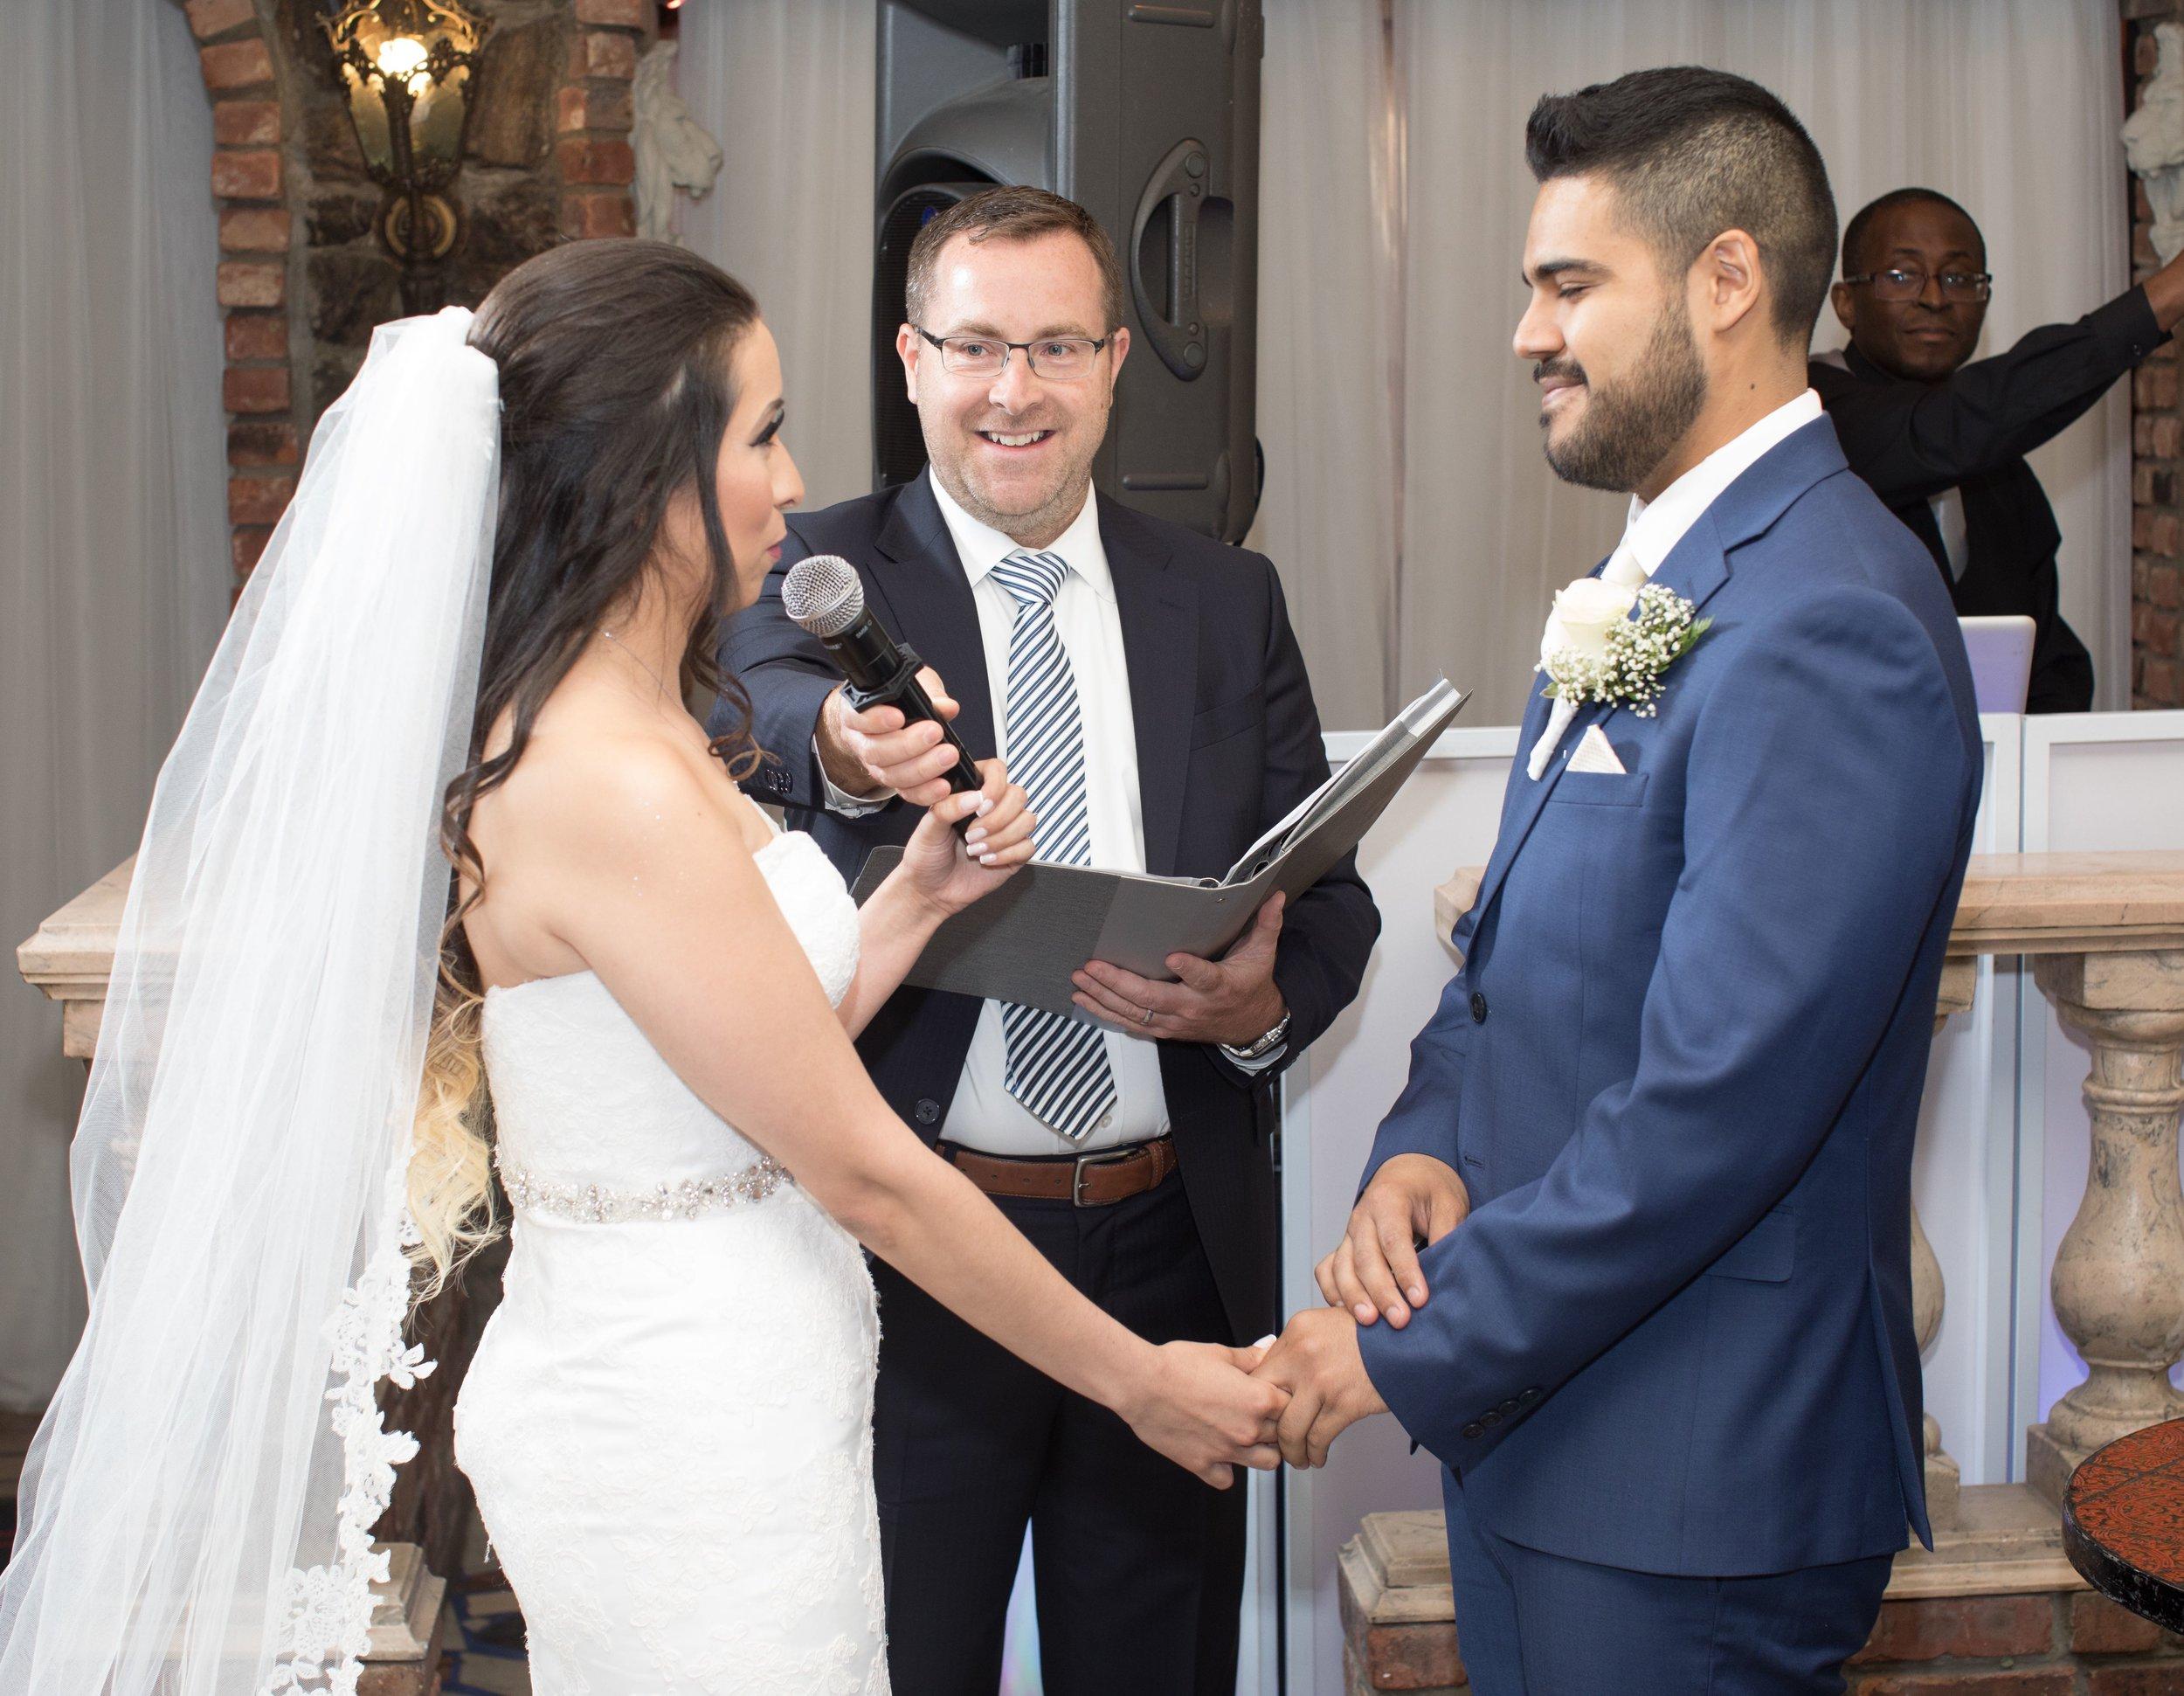 bilingual wedding officiant NYC.JPG